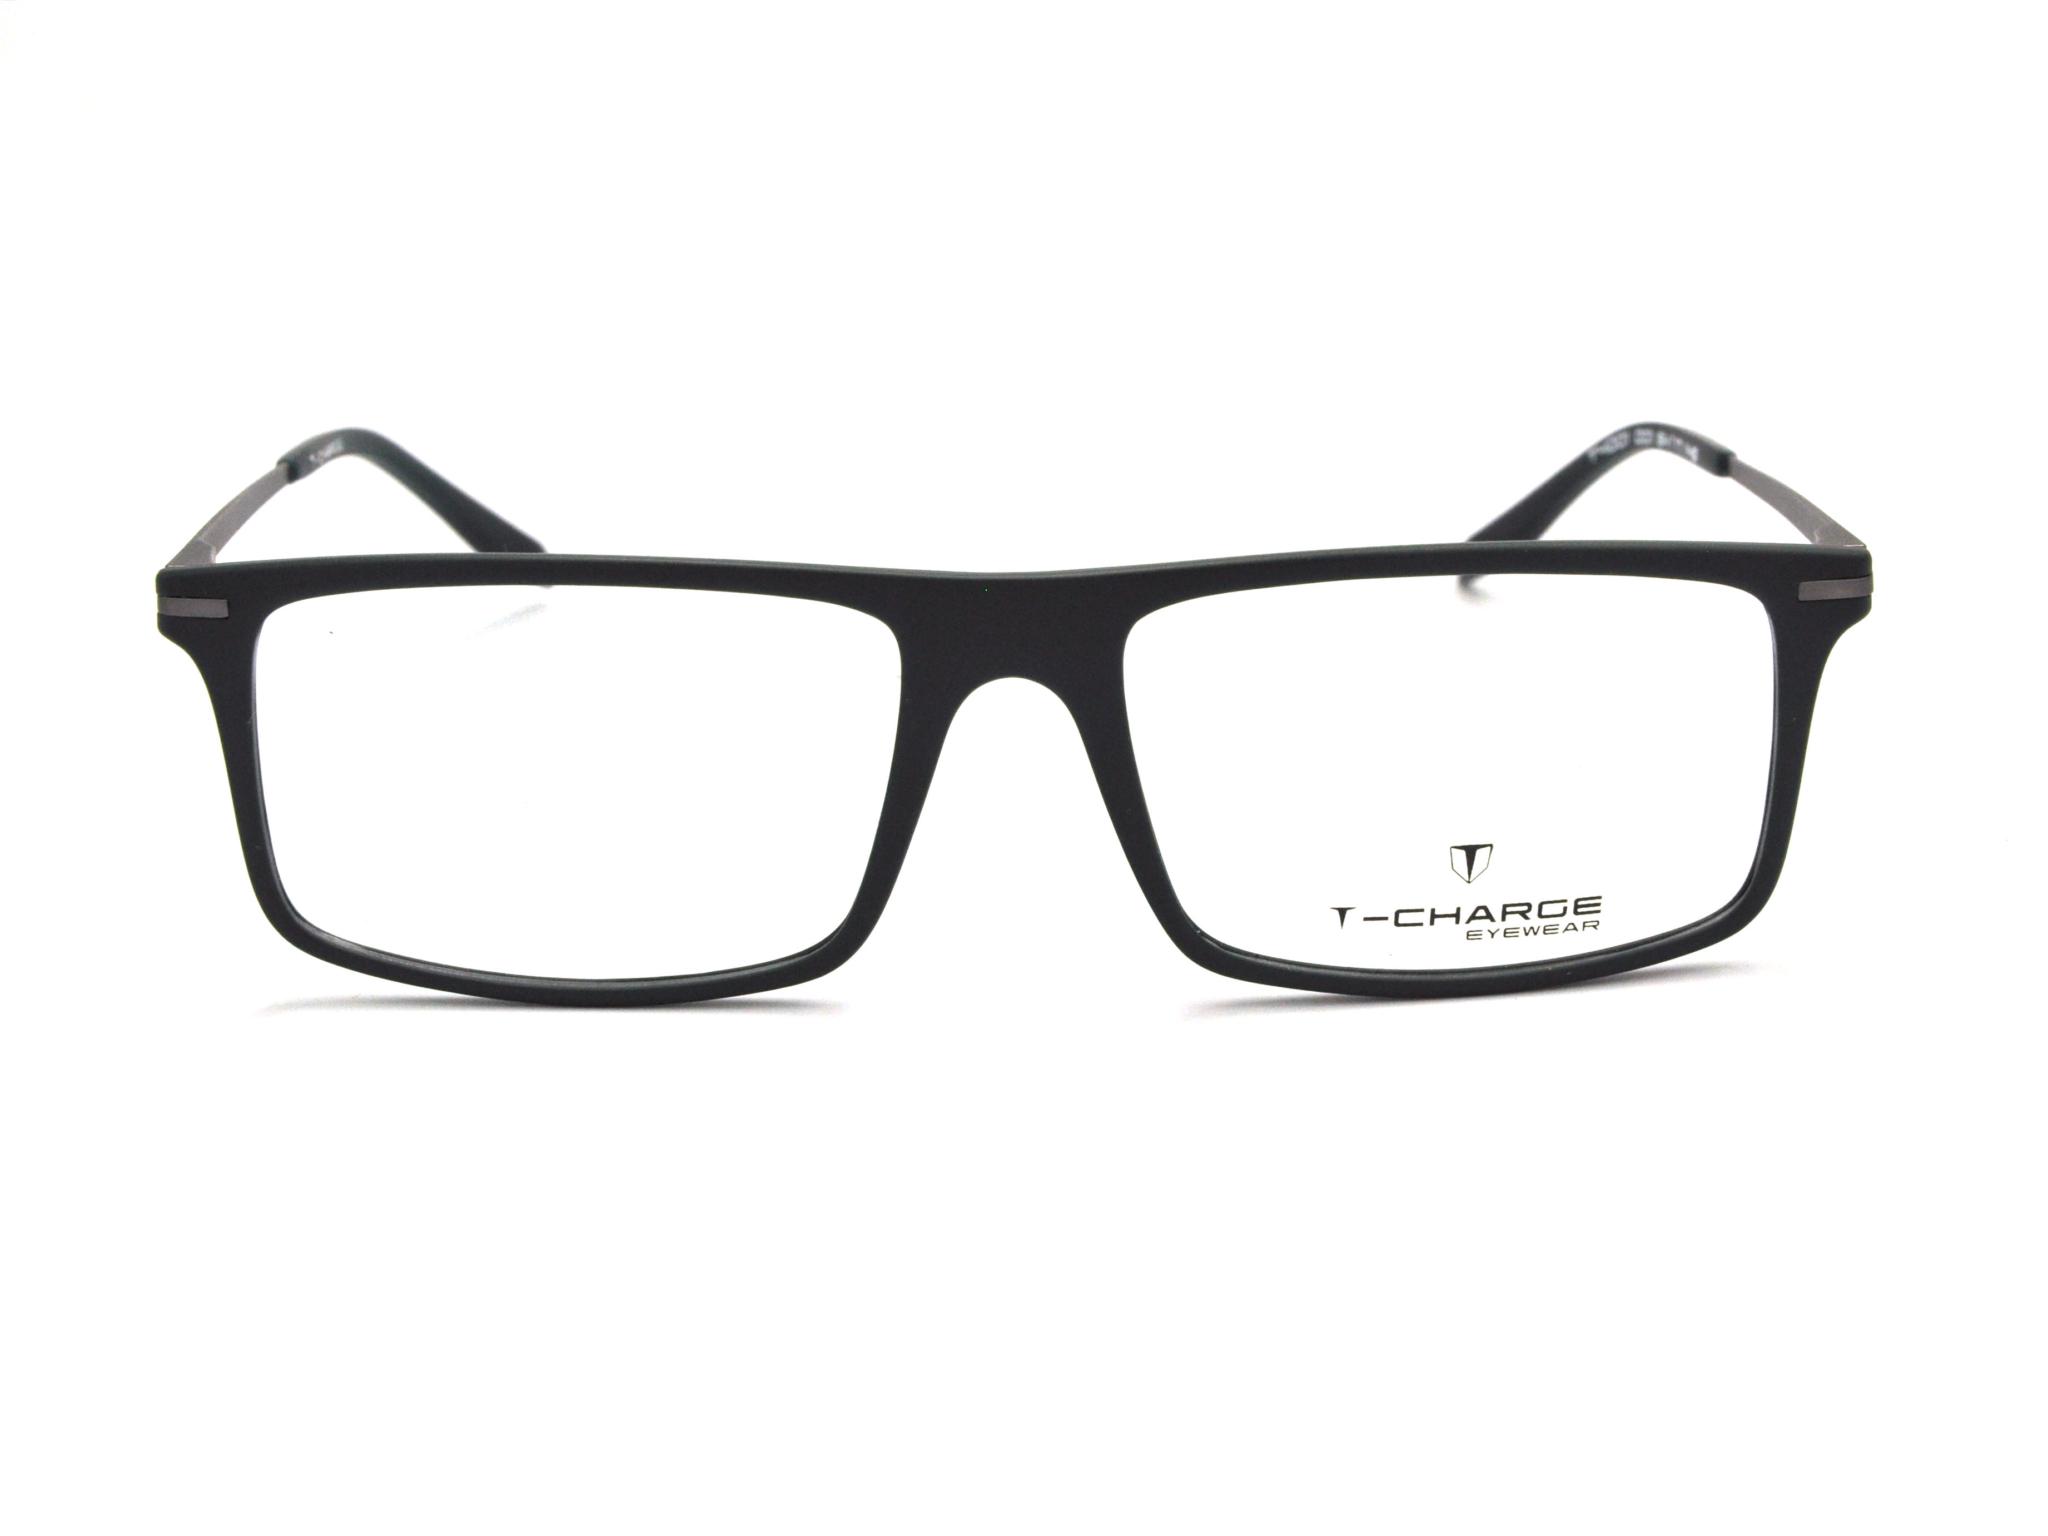 Γυαλιά οράσεως T CHARGE T4001 D01Πειραιάς